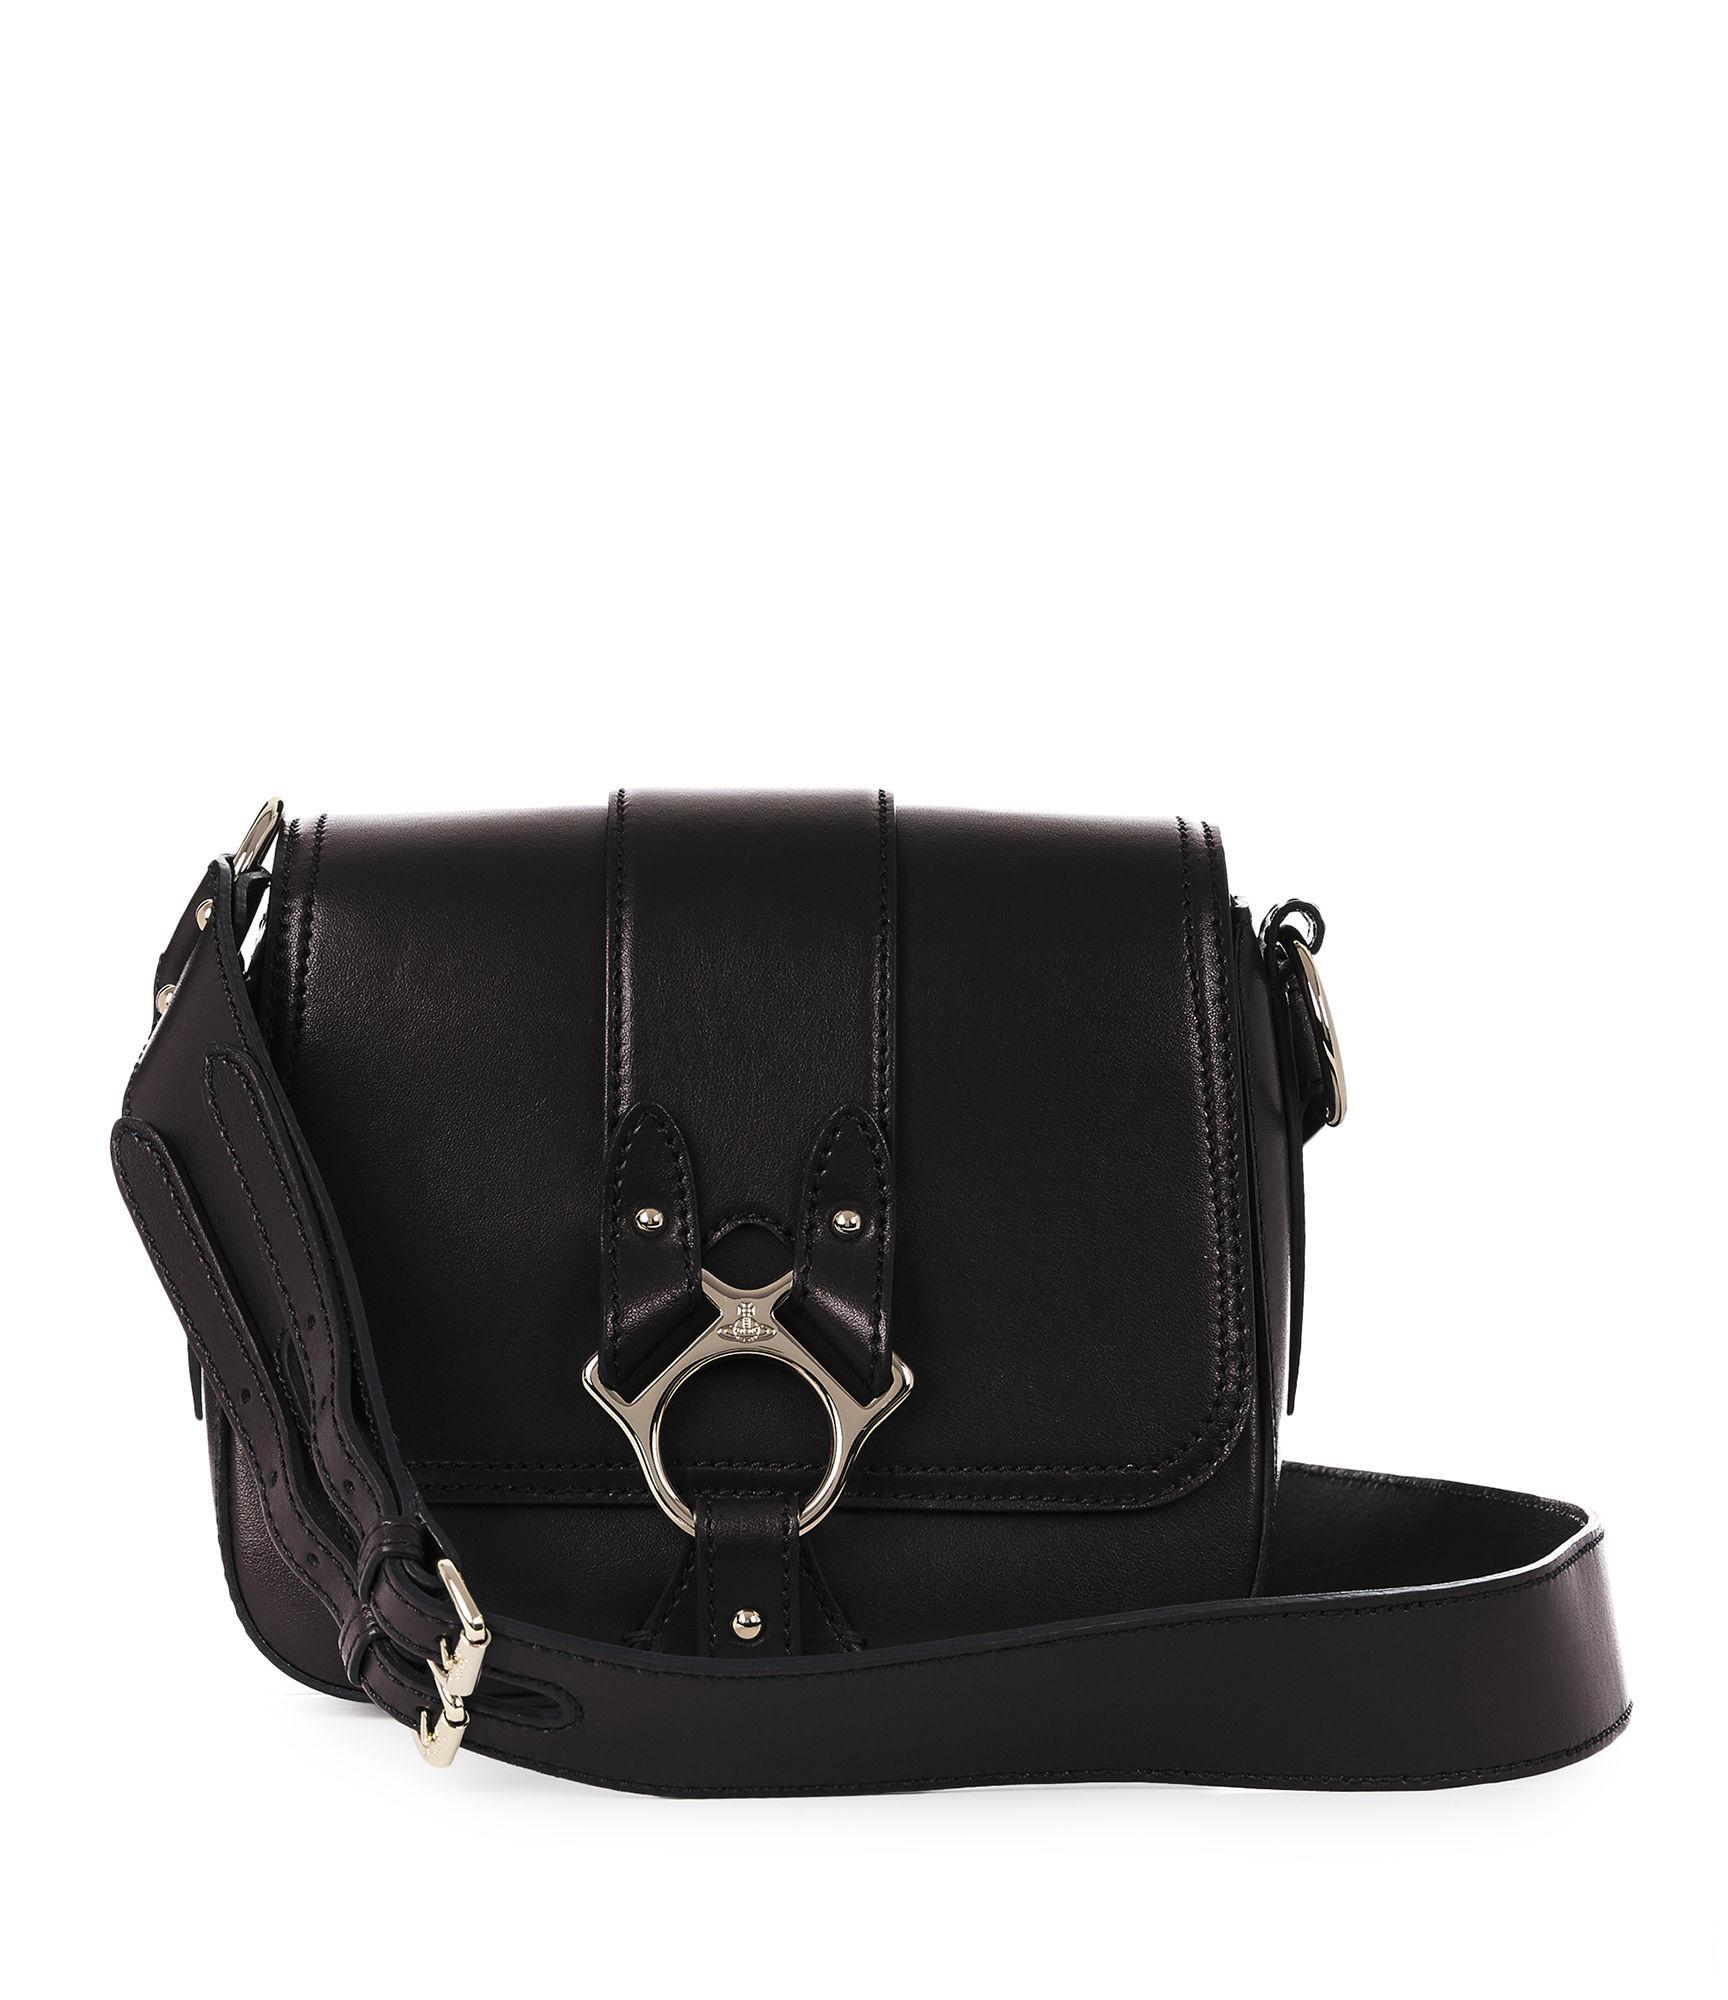 Vivienne Westwood Large Folly Saddle Bag 43050014 Black